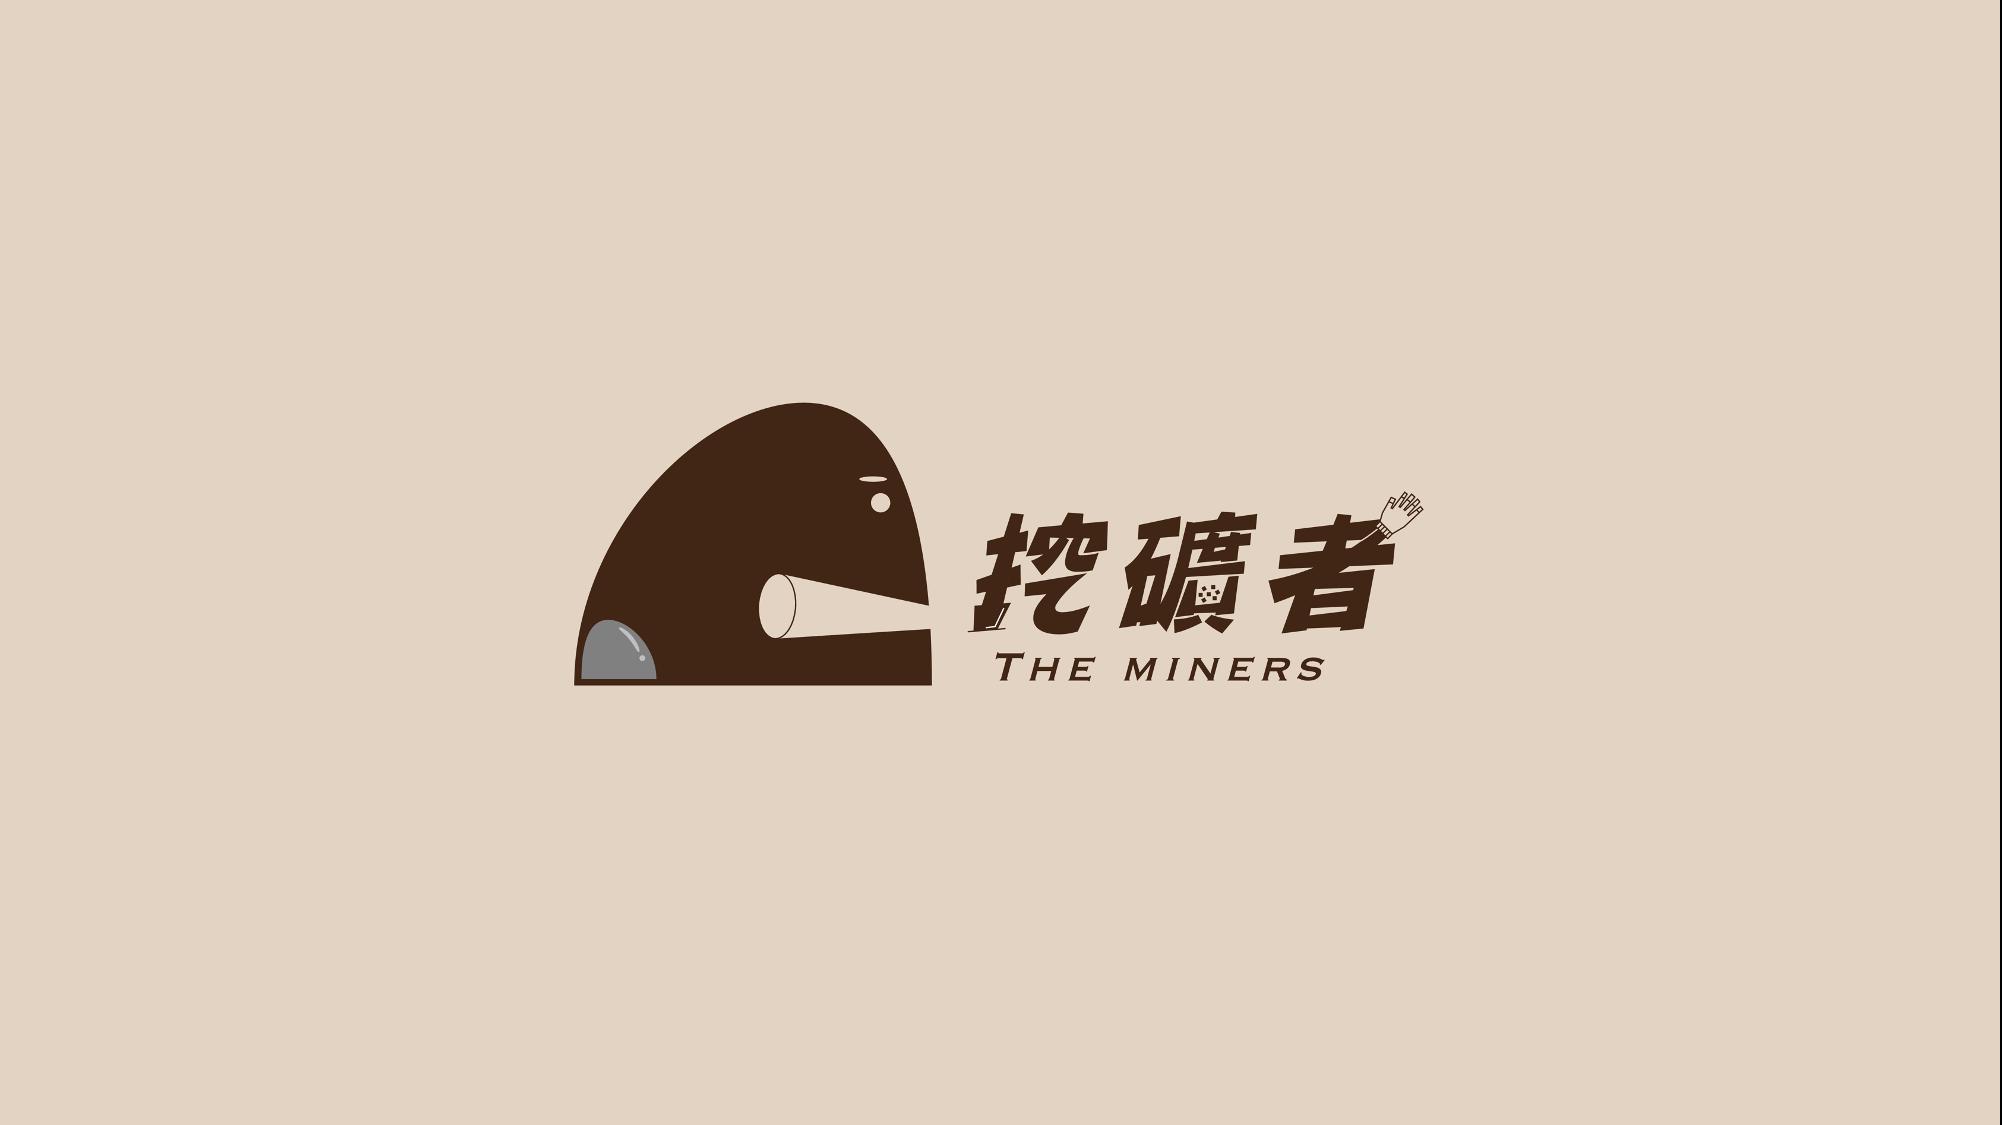 哈囉大家好!我們是挖礦者